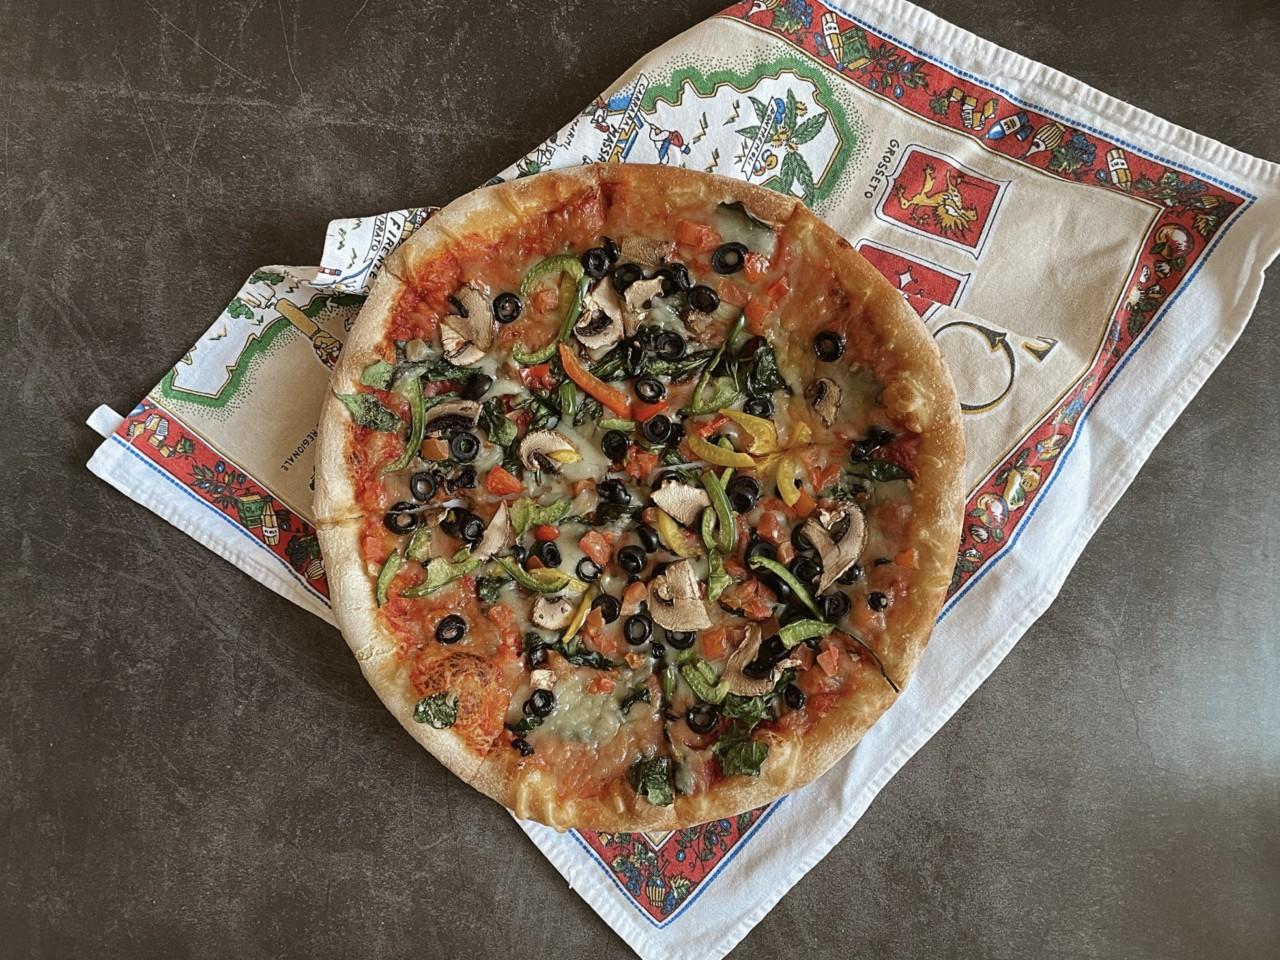 Grünlicher Käse und zu überladen – diese Pizza überzeugt nicht wirklich. Foto: Lunchgate/Selina